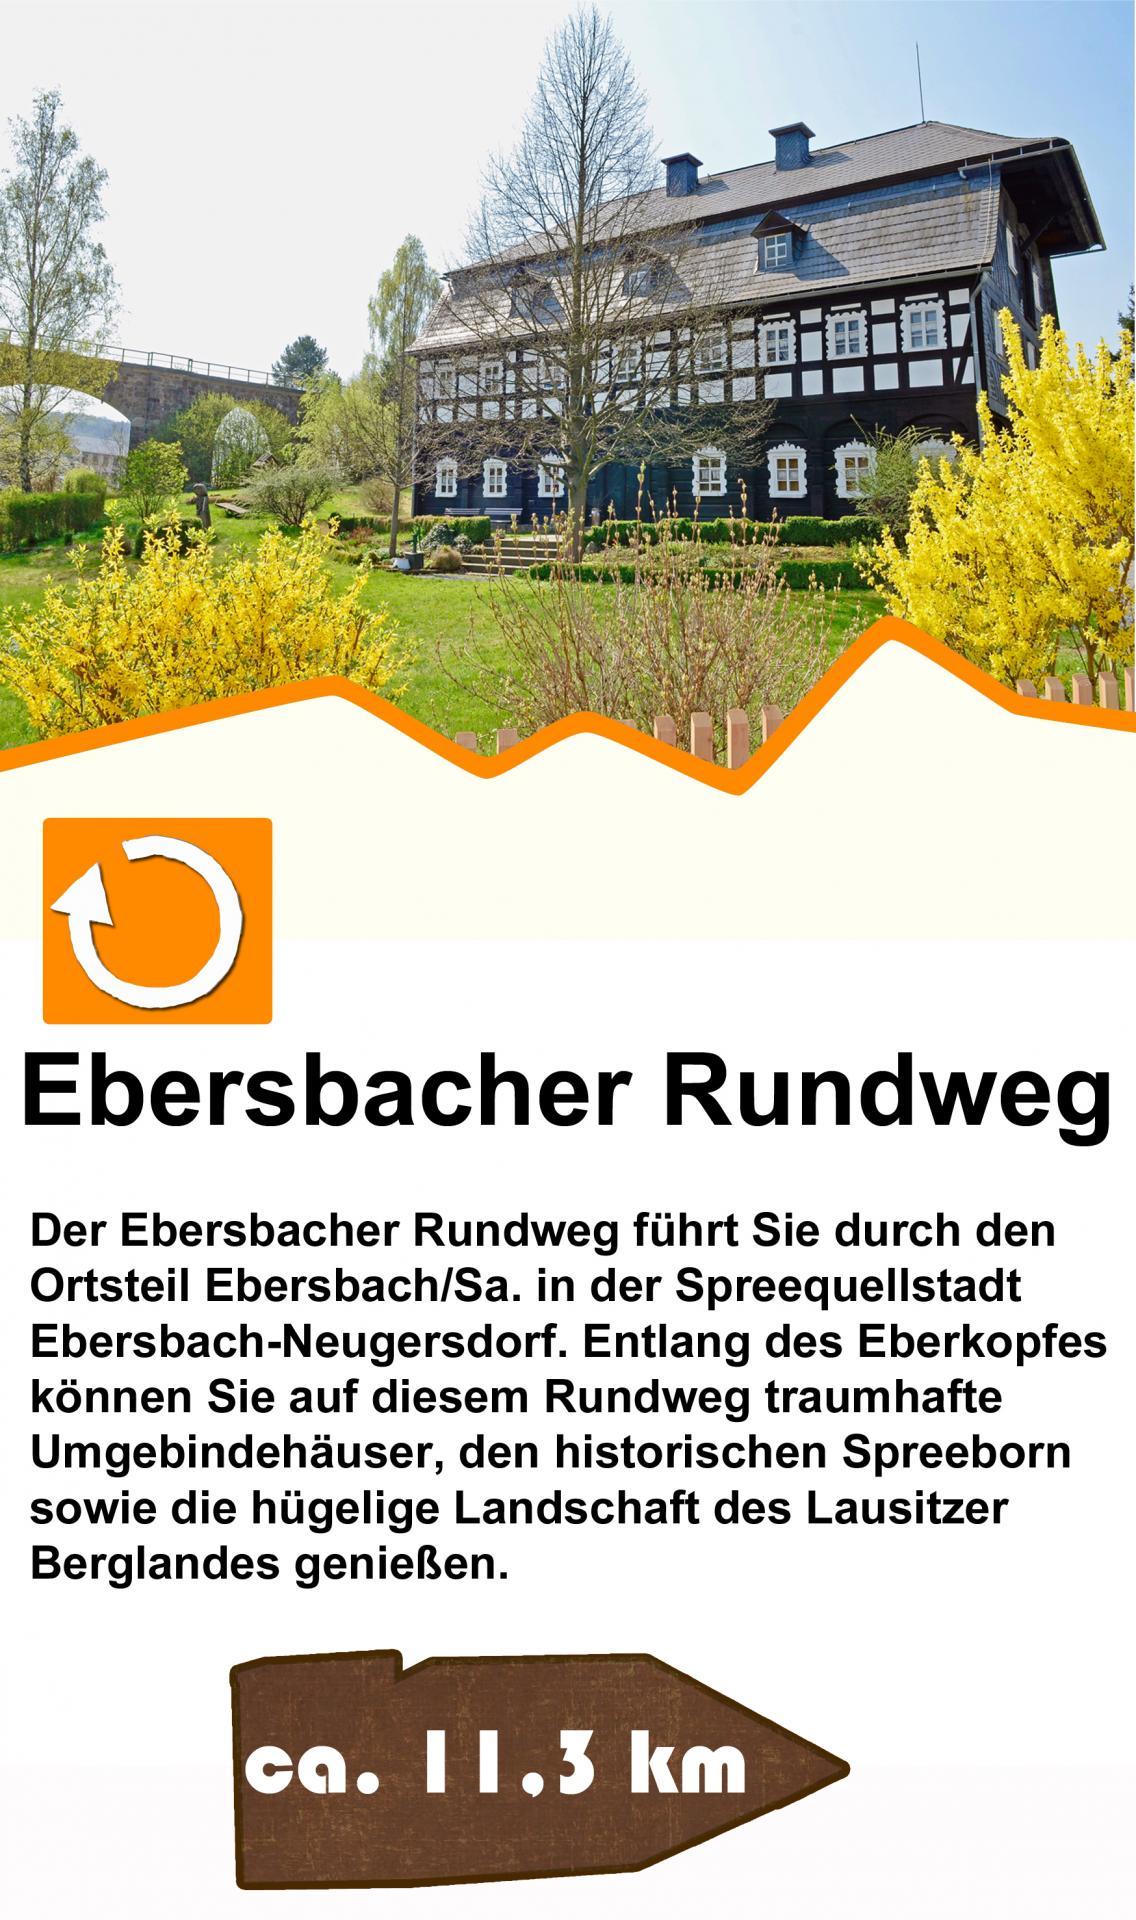 Ebersbacher Rundweg